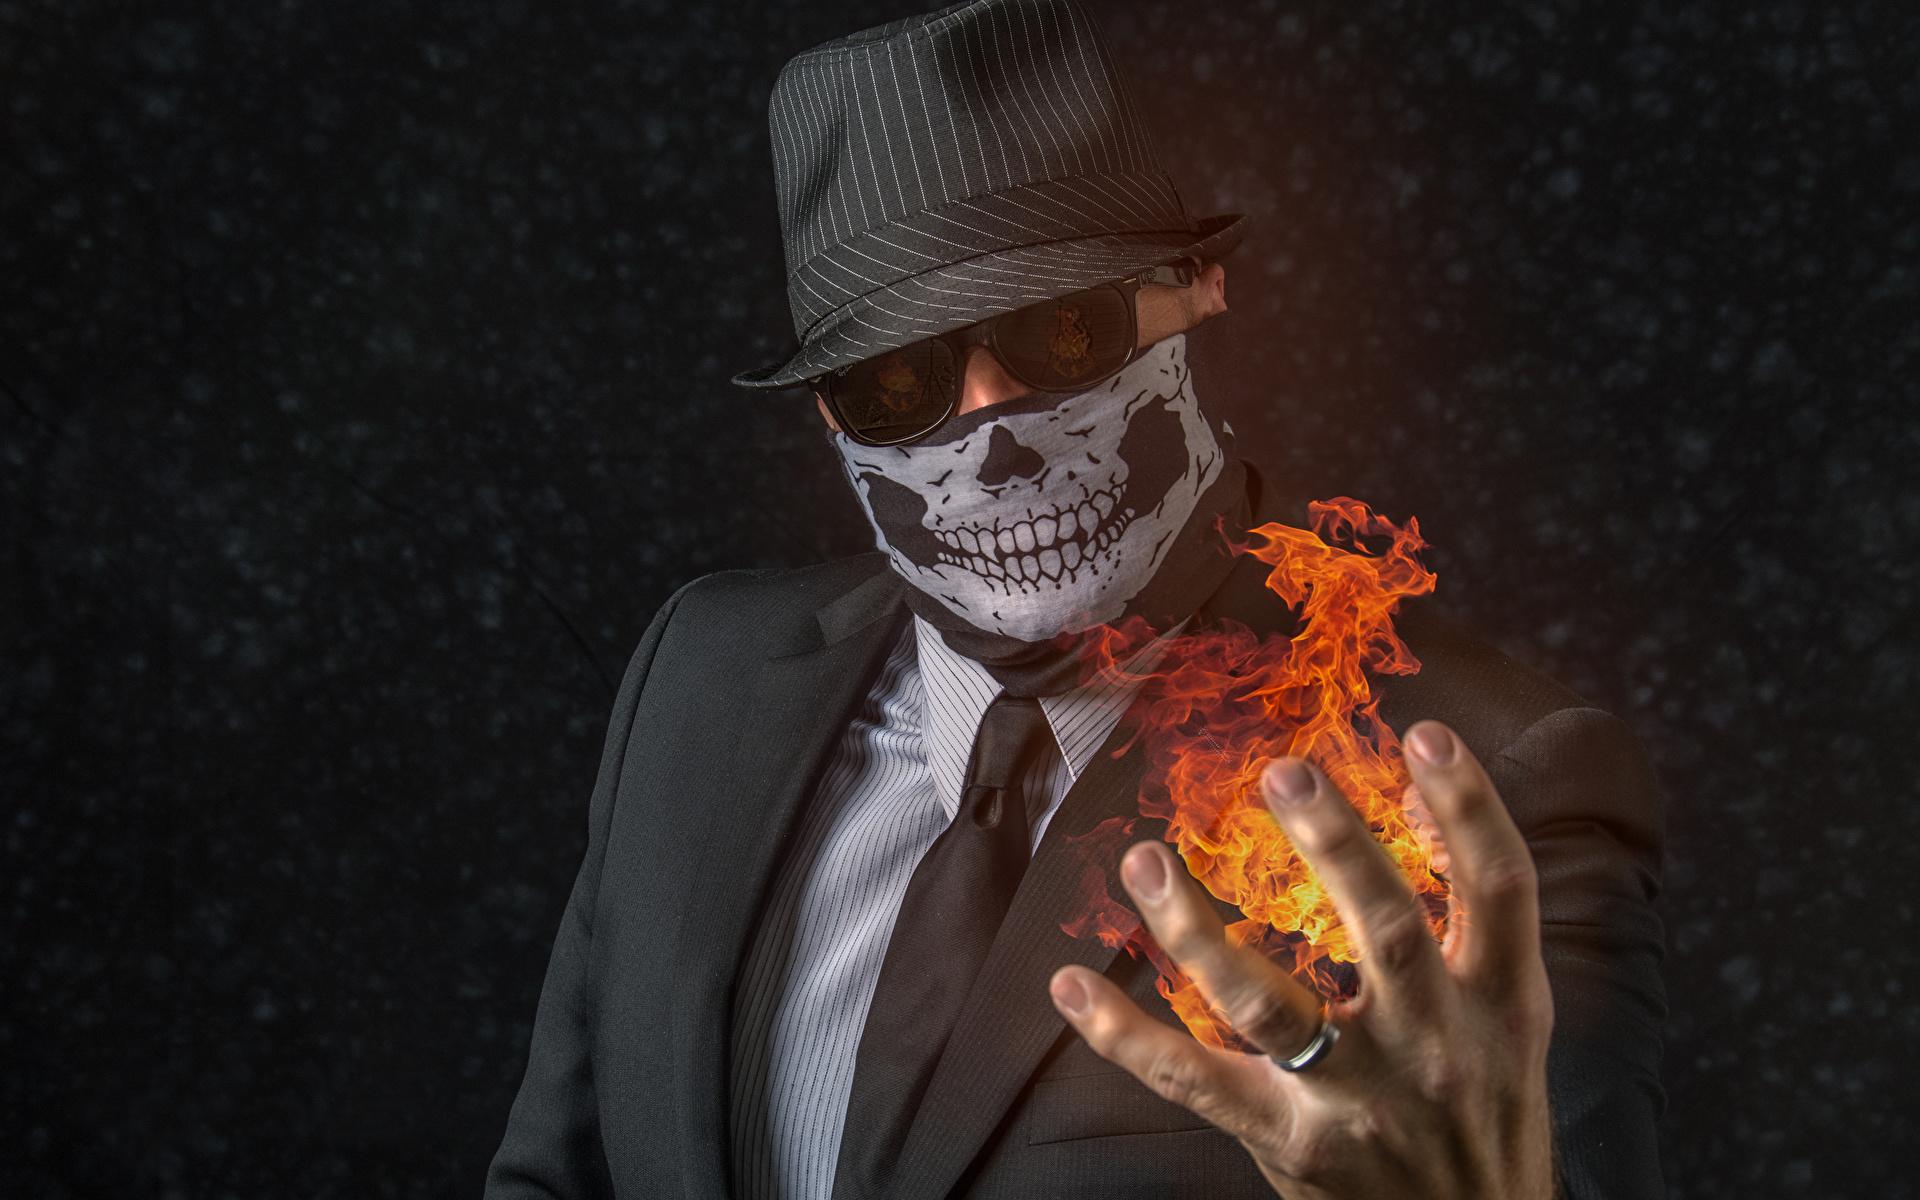 Bilder von Mann Der Hut Krawatte Feuer Hand Maske Anzug 1920x1200 Flamme Masken